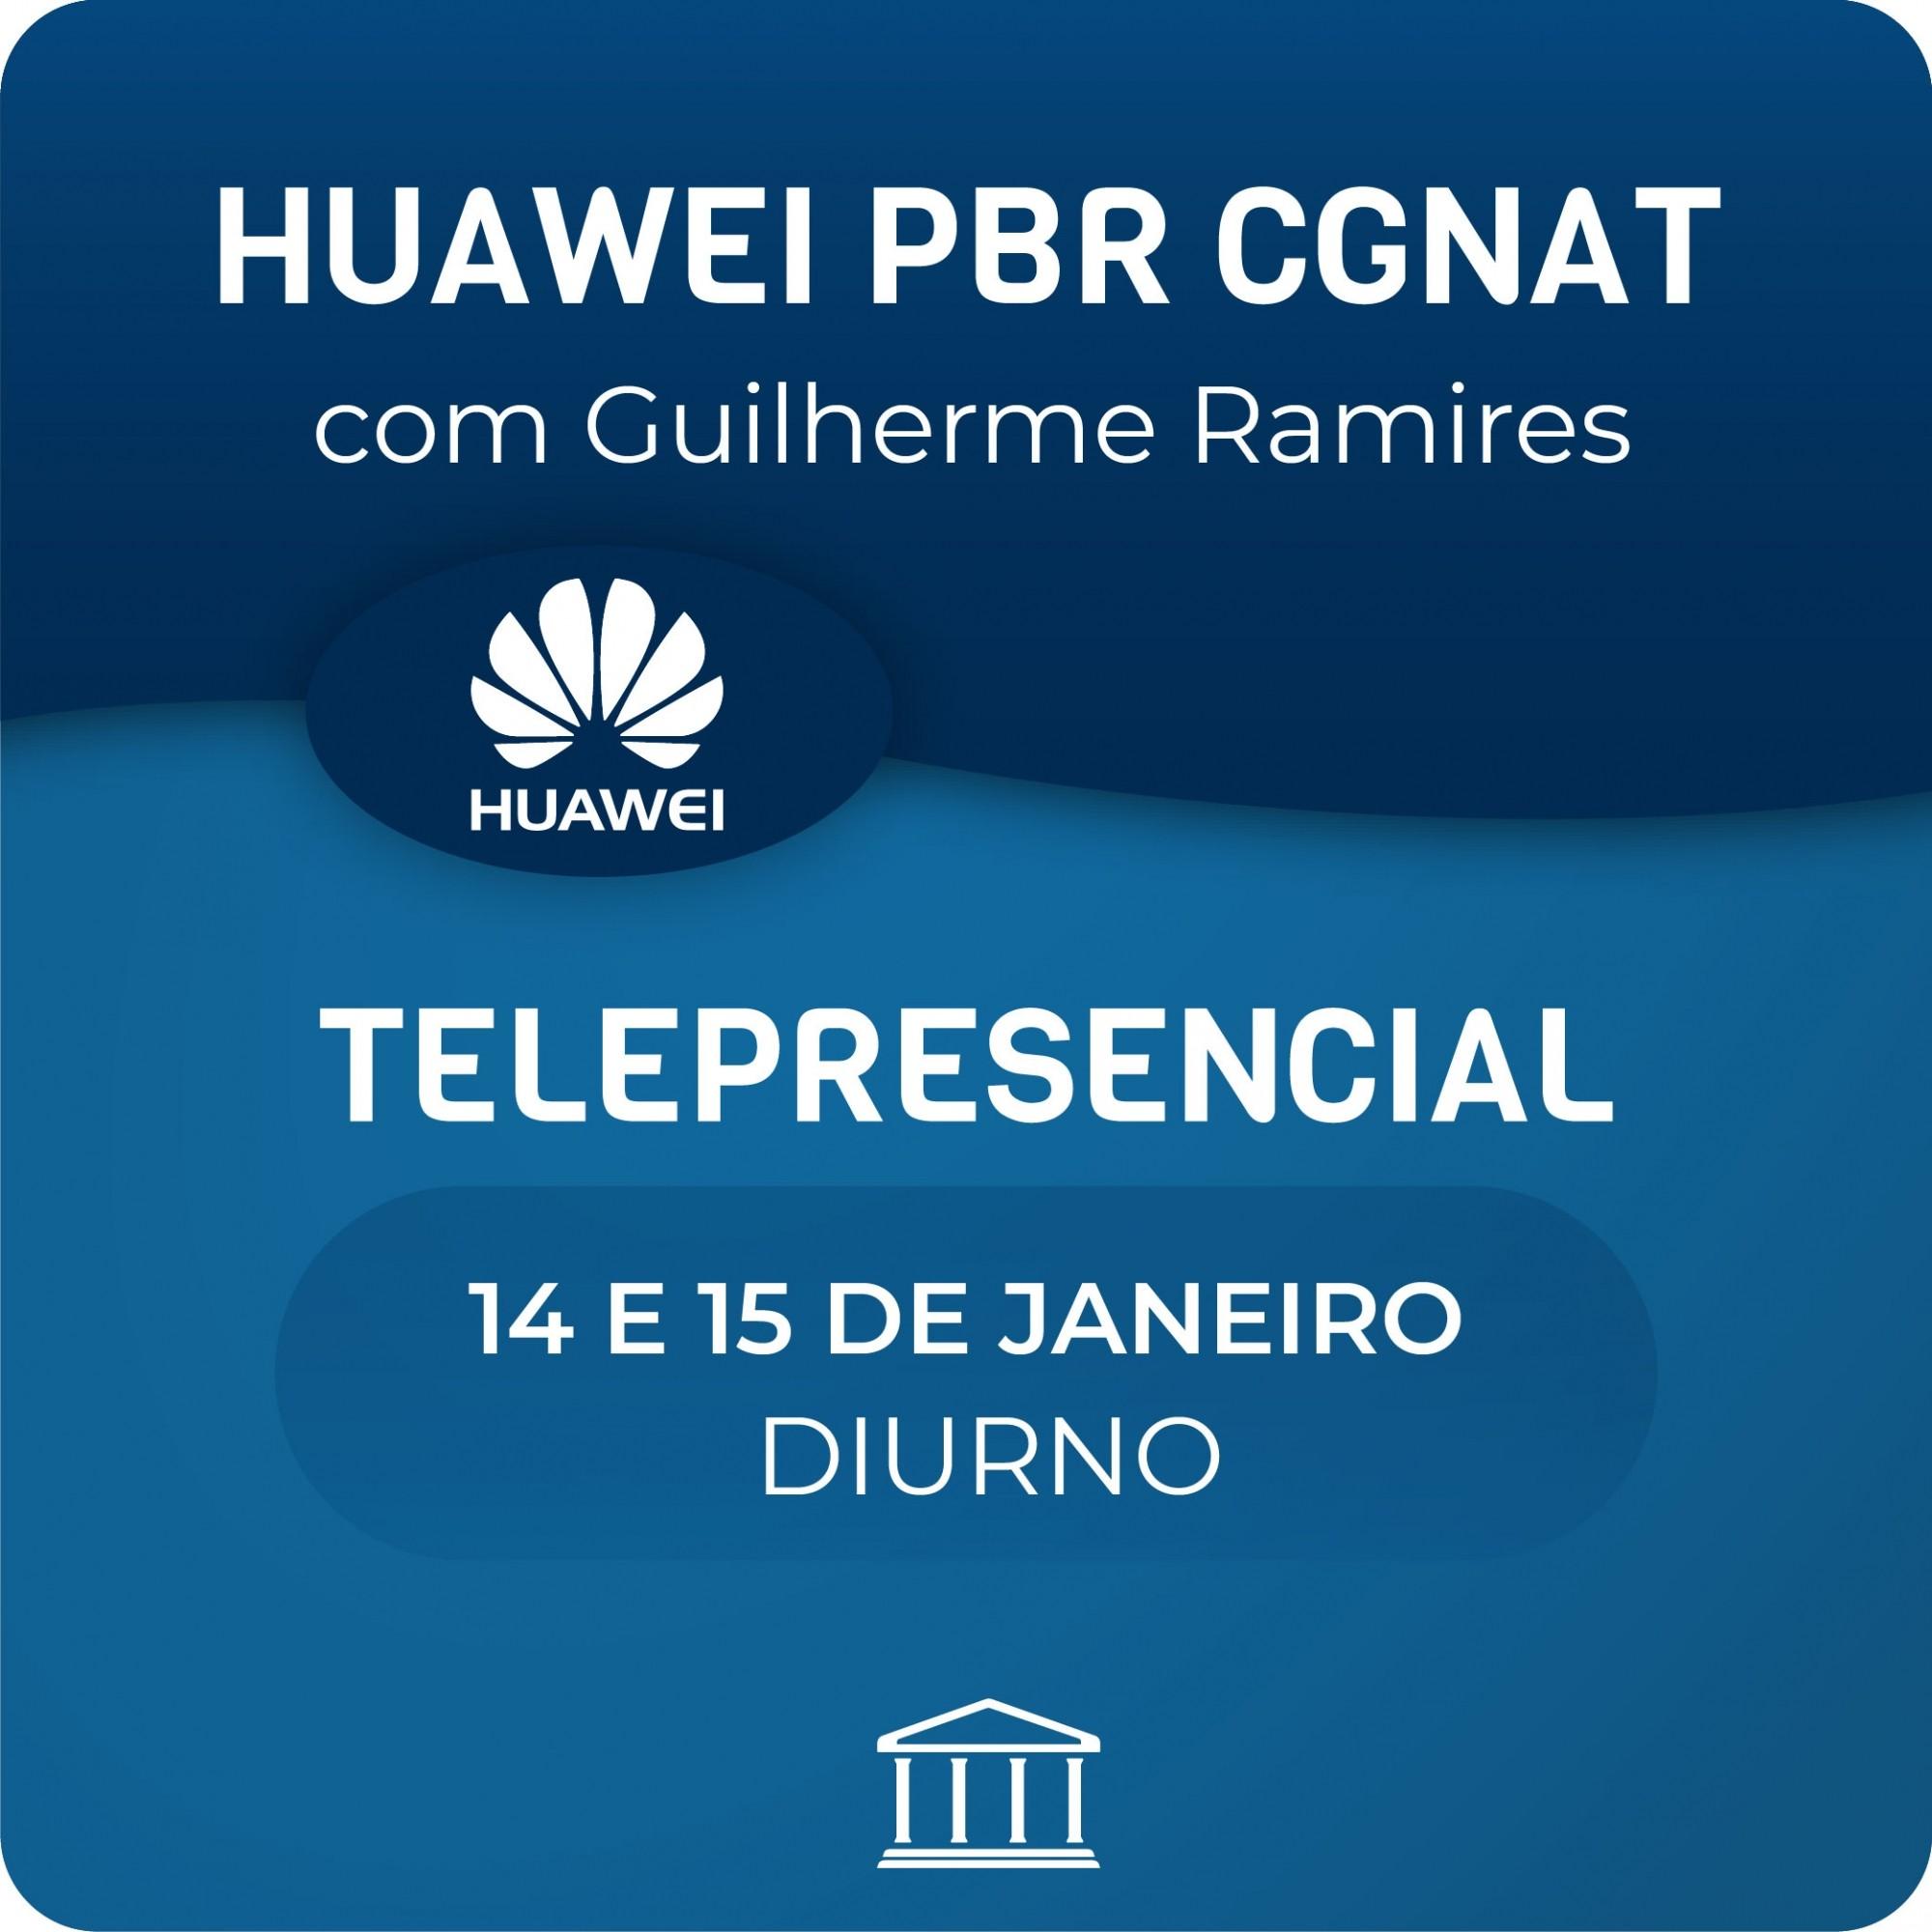 Curso Avançado de Huawei PBR, CGNAT & PPPoE com Guilherme Ramires  - Voz e Dados